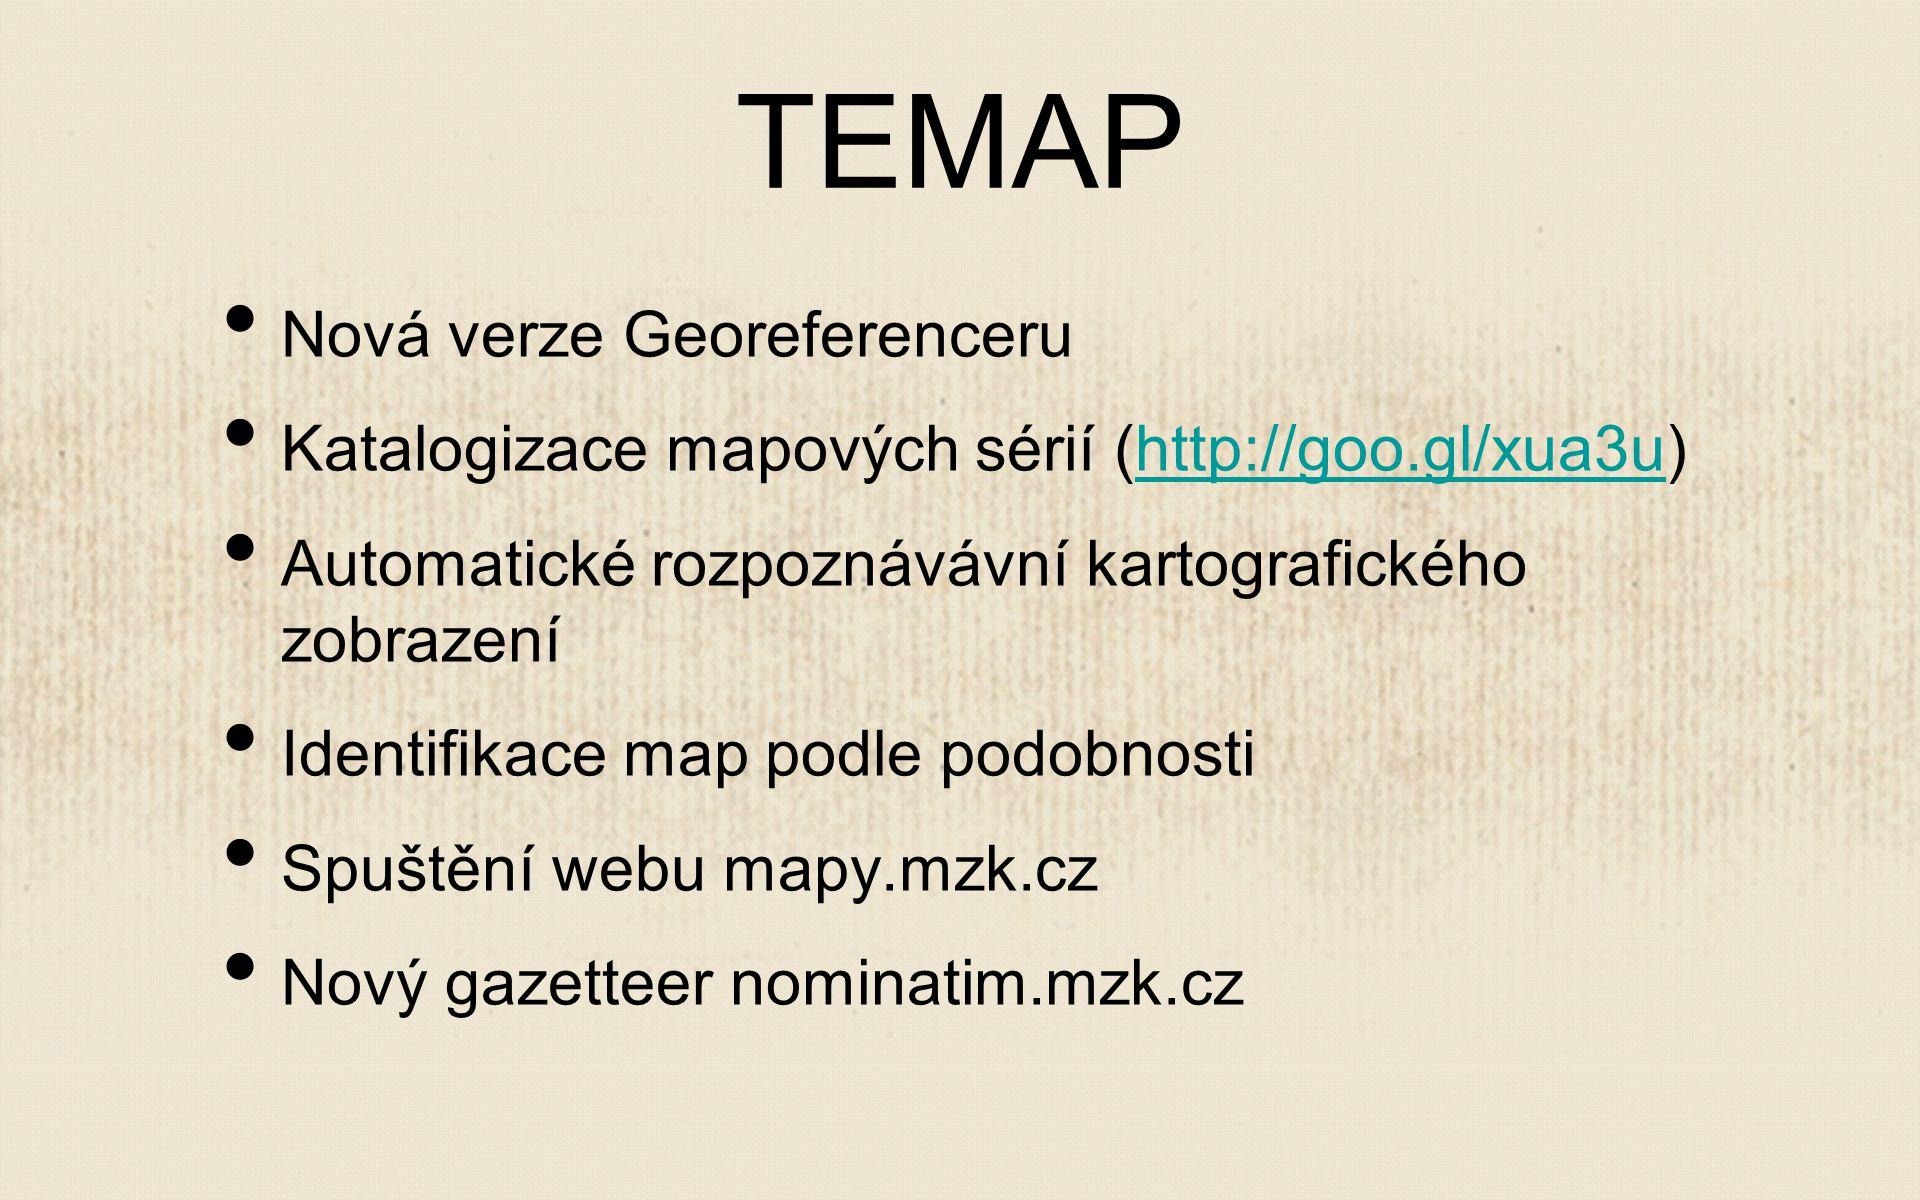 Digitalizované mapové fondy zpřístupněné pomocí otevřeného software Uživatelsky přívětivé a efektivní vyhledávání Kvalitní metadata pro odbornou i laickou veřejnost Nástroje pro snazší zpracování mapových fondů Posílení vztahu mezi knihovnou a jejími uživateli Cíle